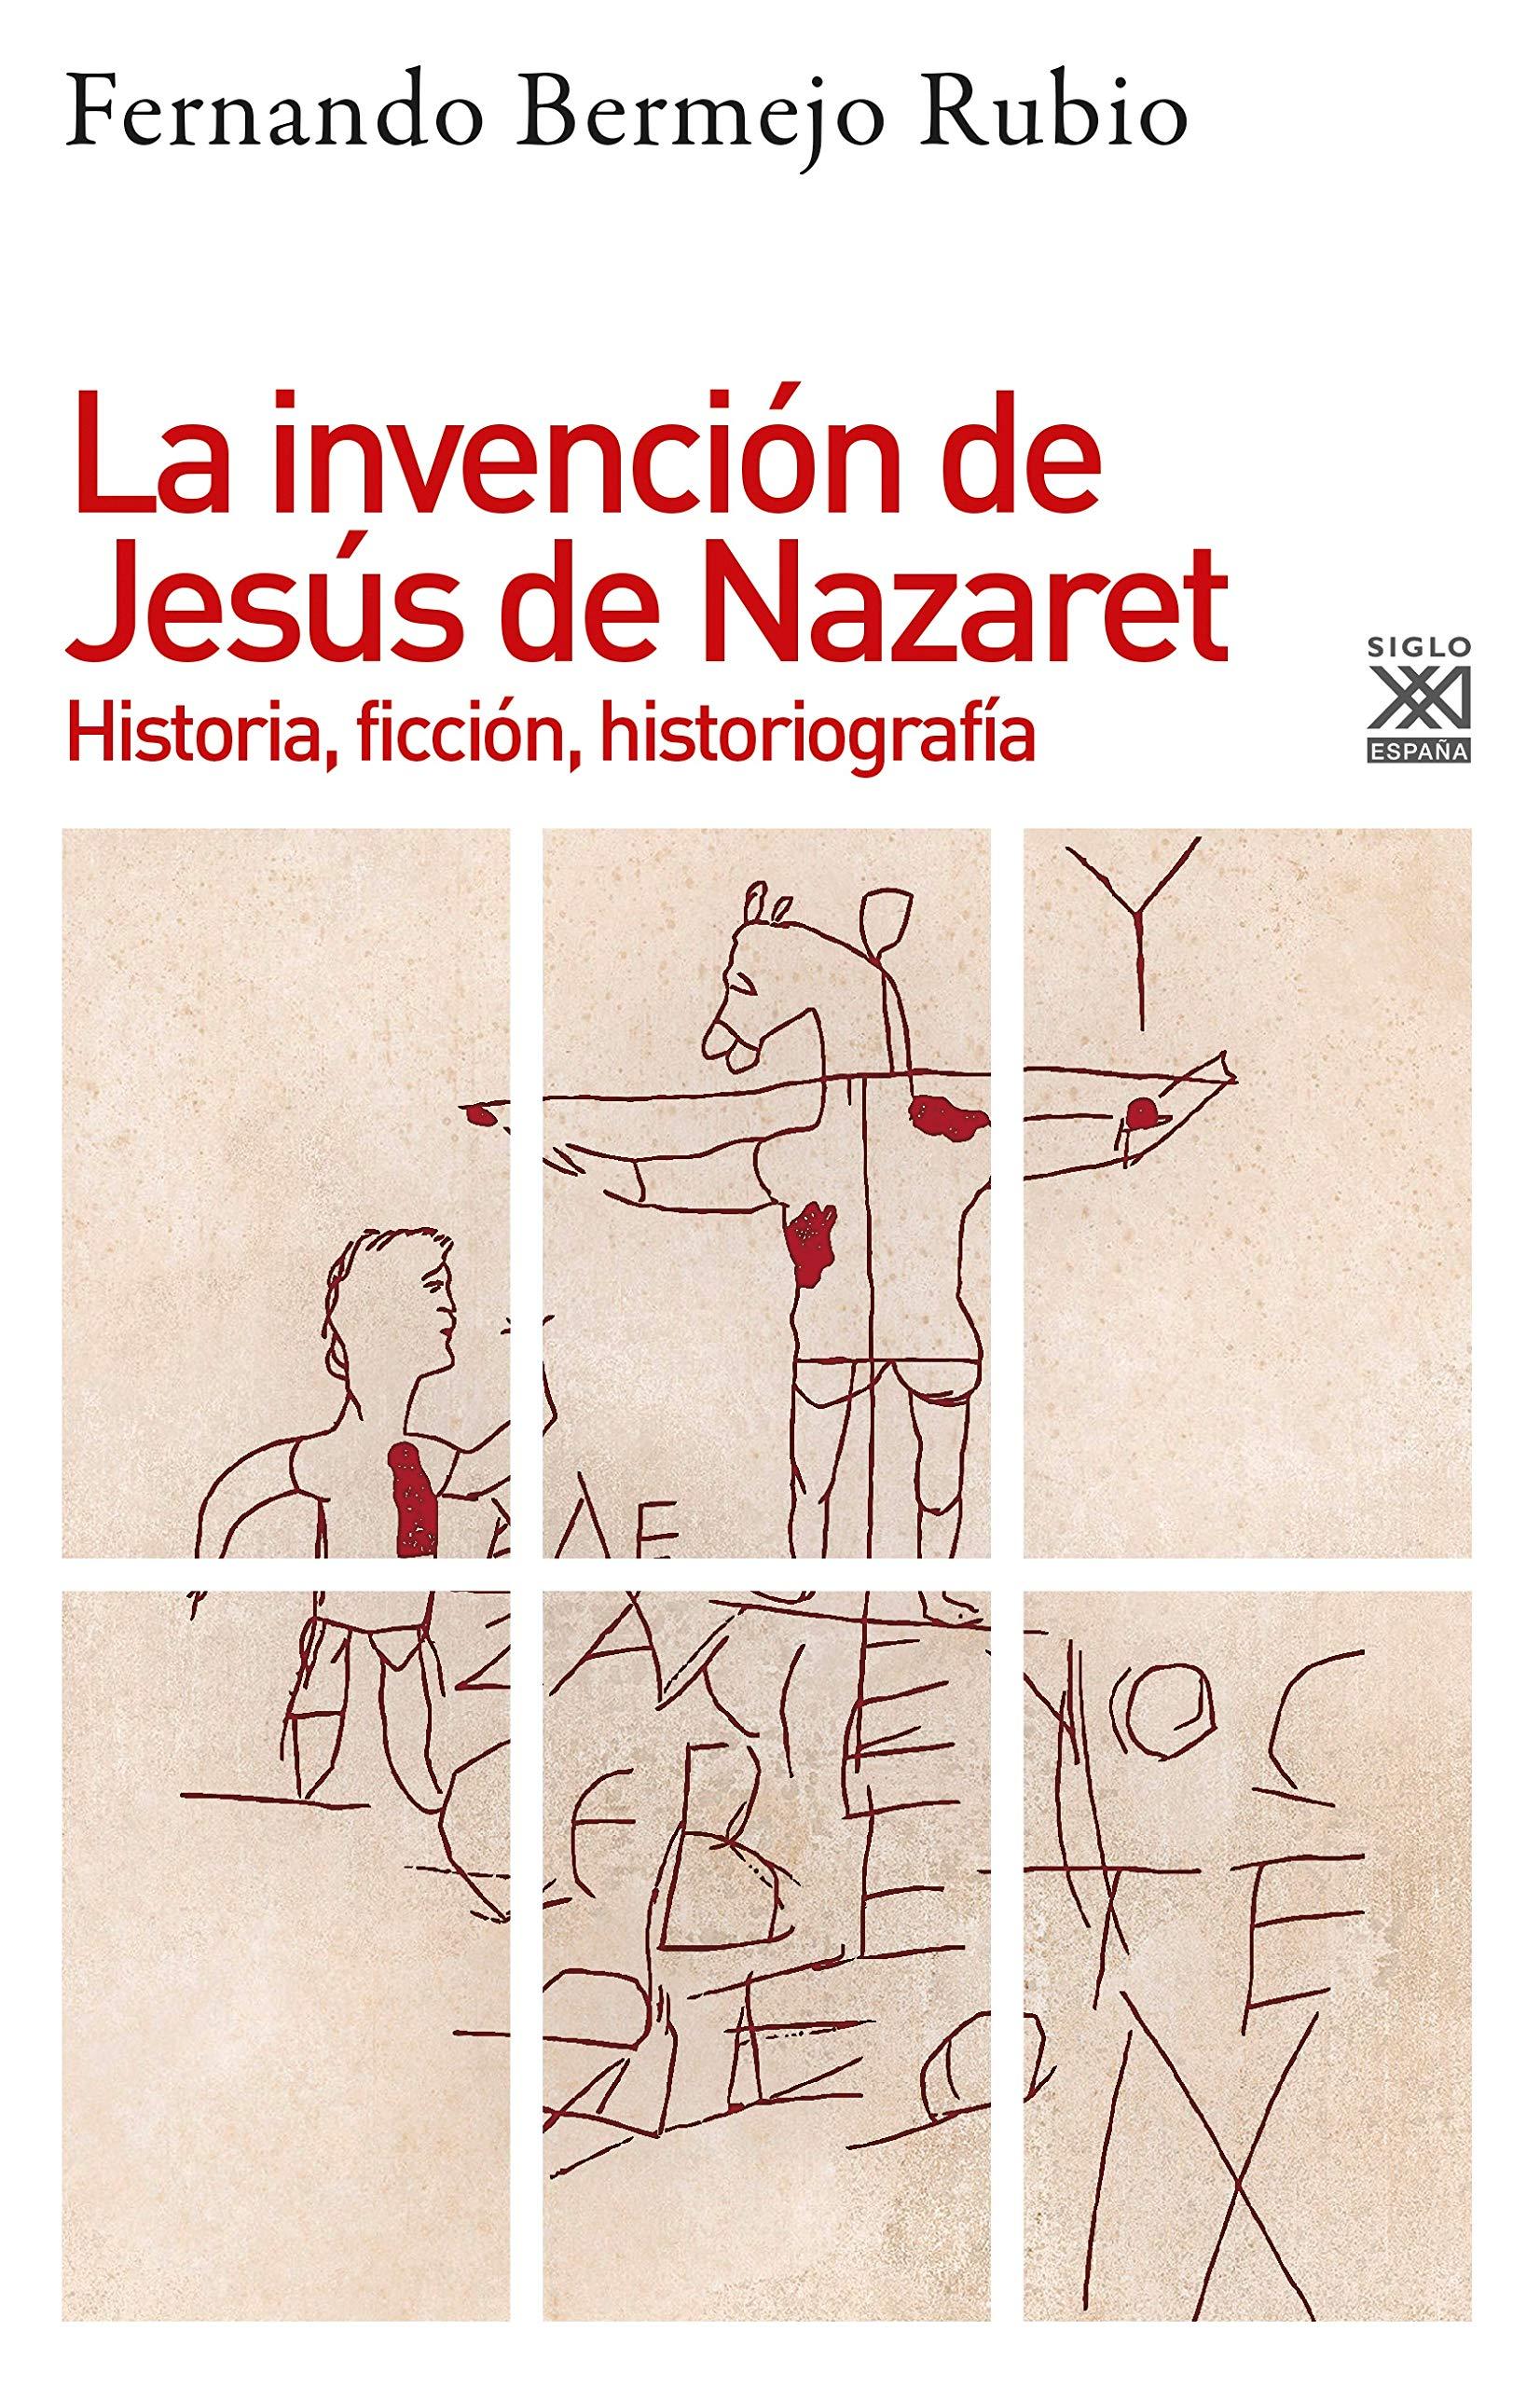 La invención de jesús de Nazaret: Historia, ficción, historiografía: 1236: Amazon.es: Bermejo Rubio, Fernando: Libros